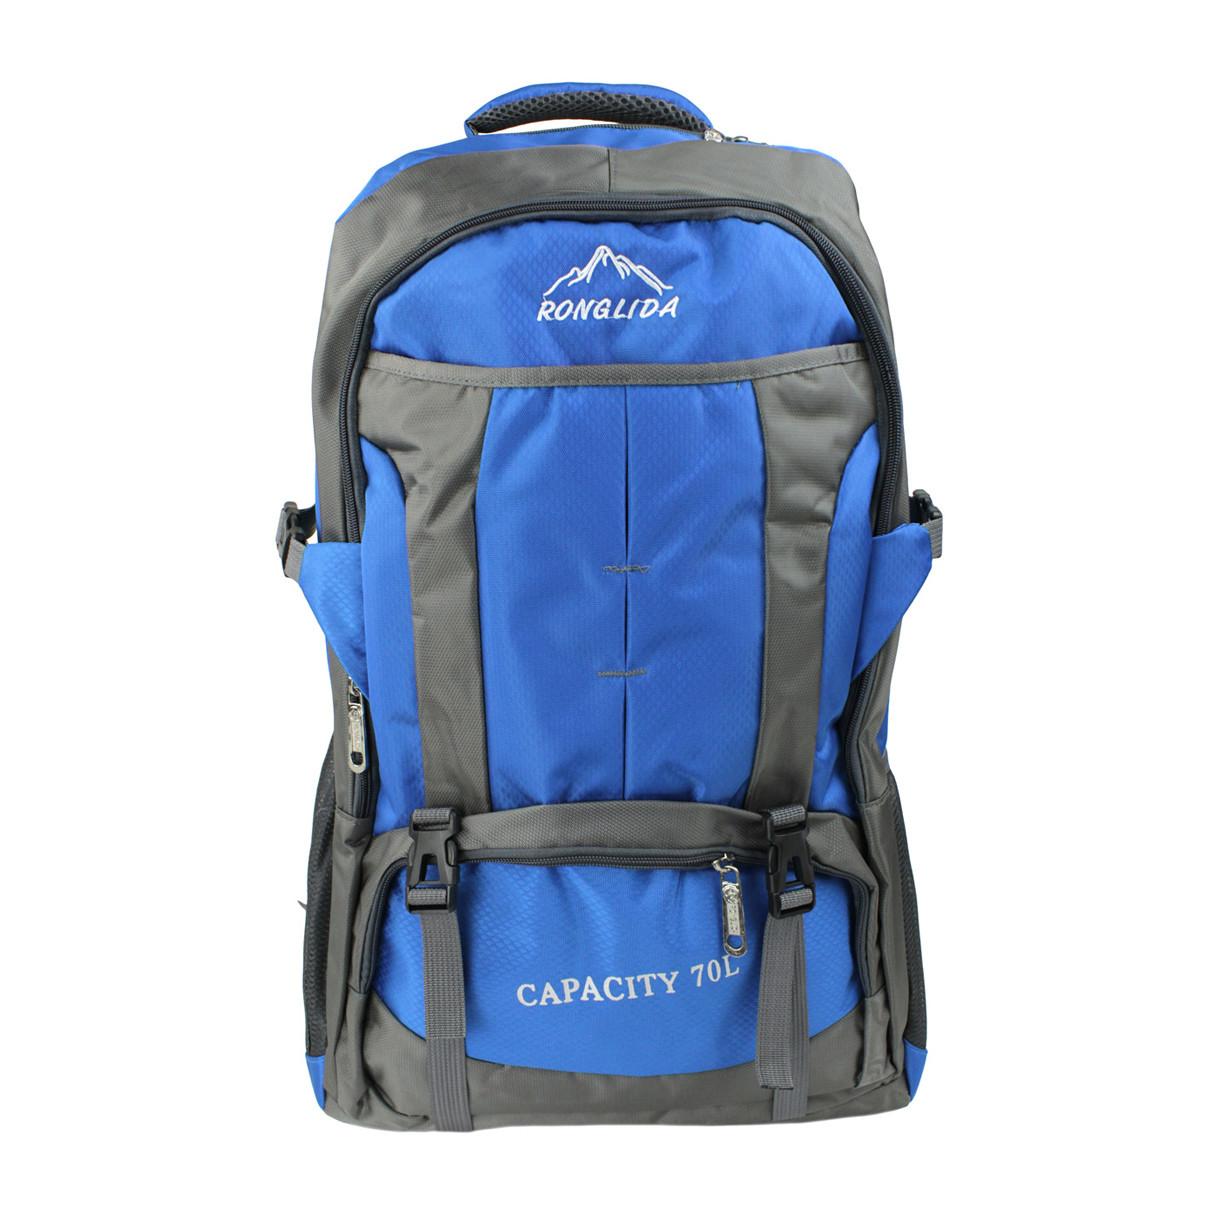 Рюкзак гірський туристичний синій Ronglida 70 л